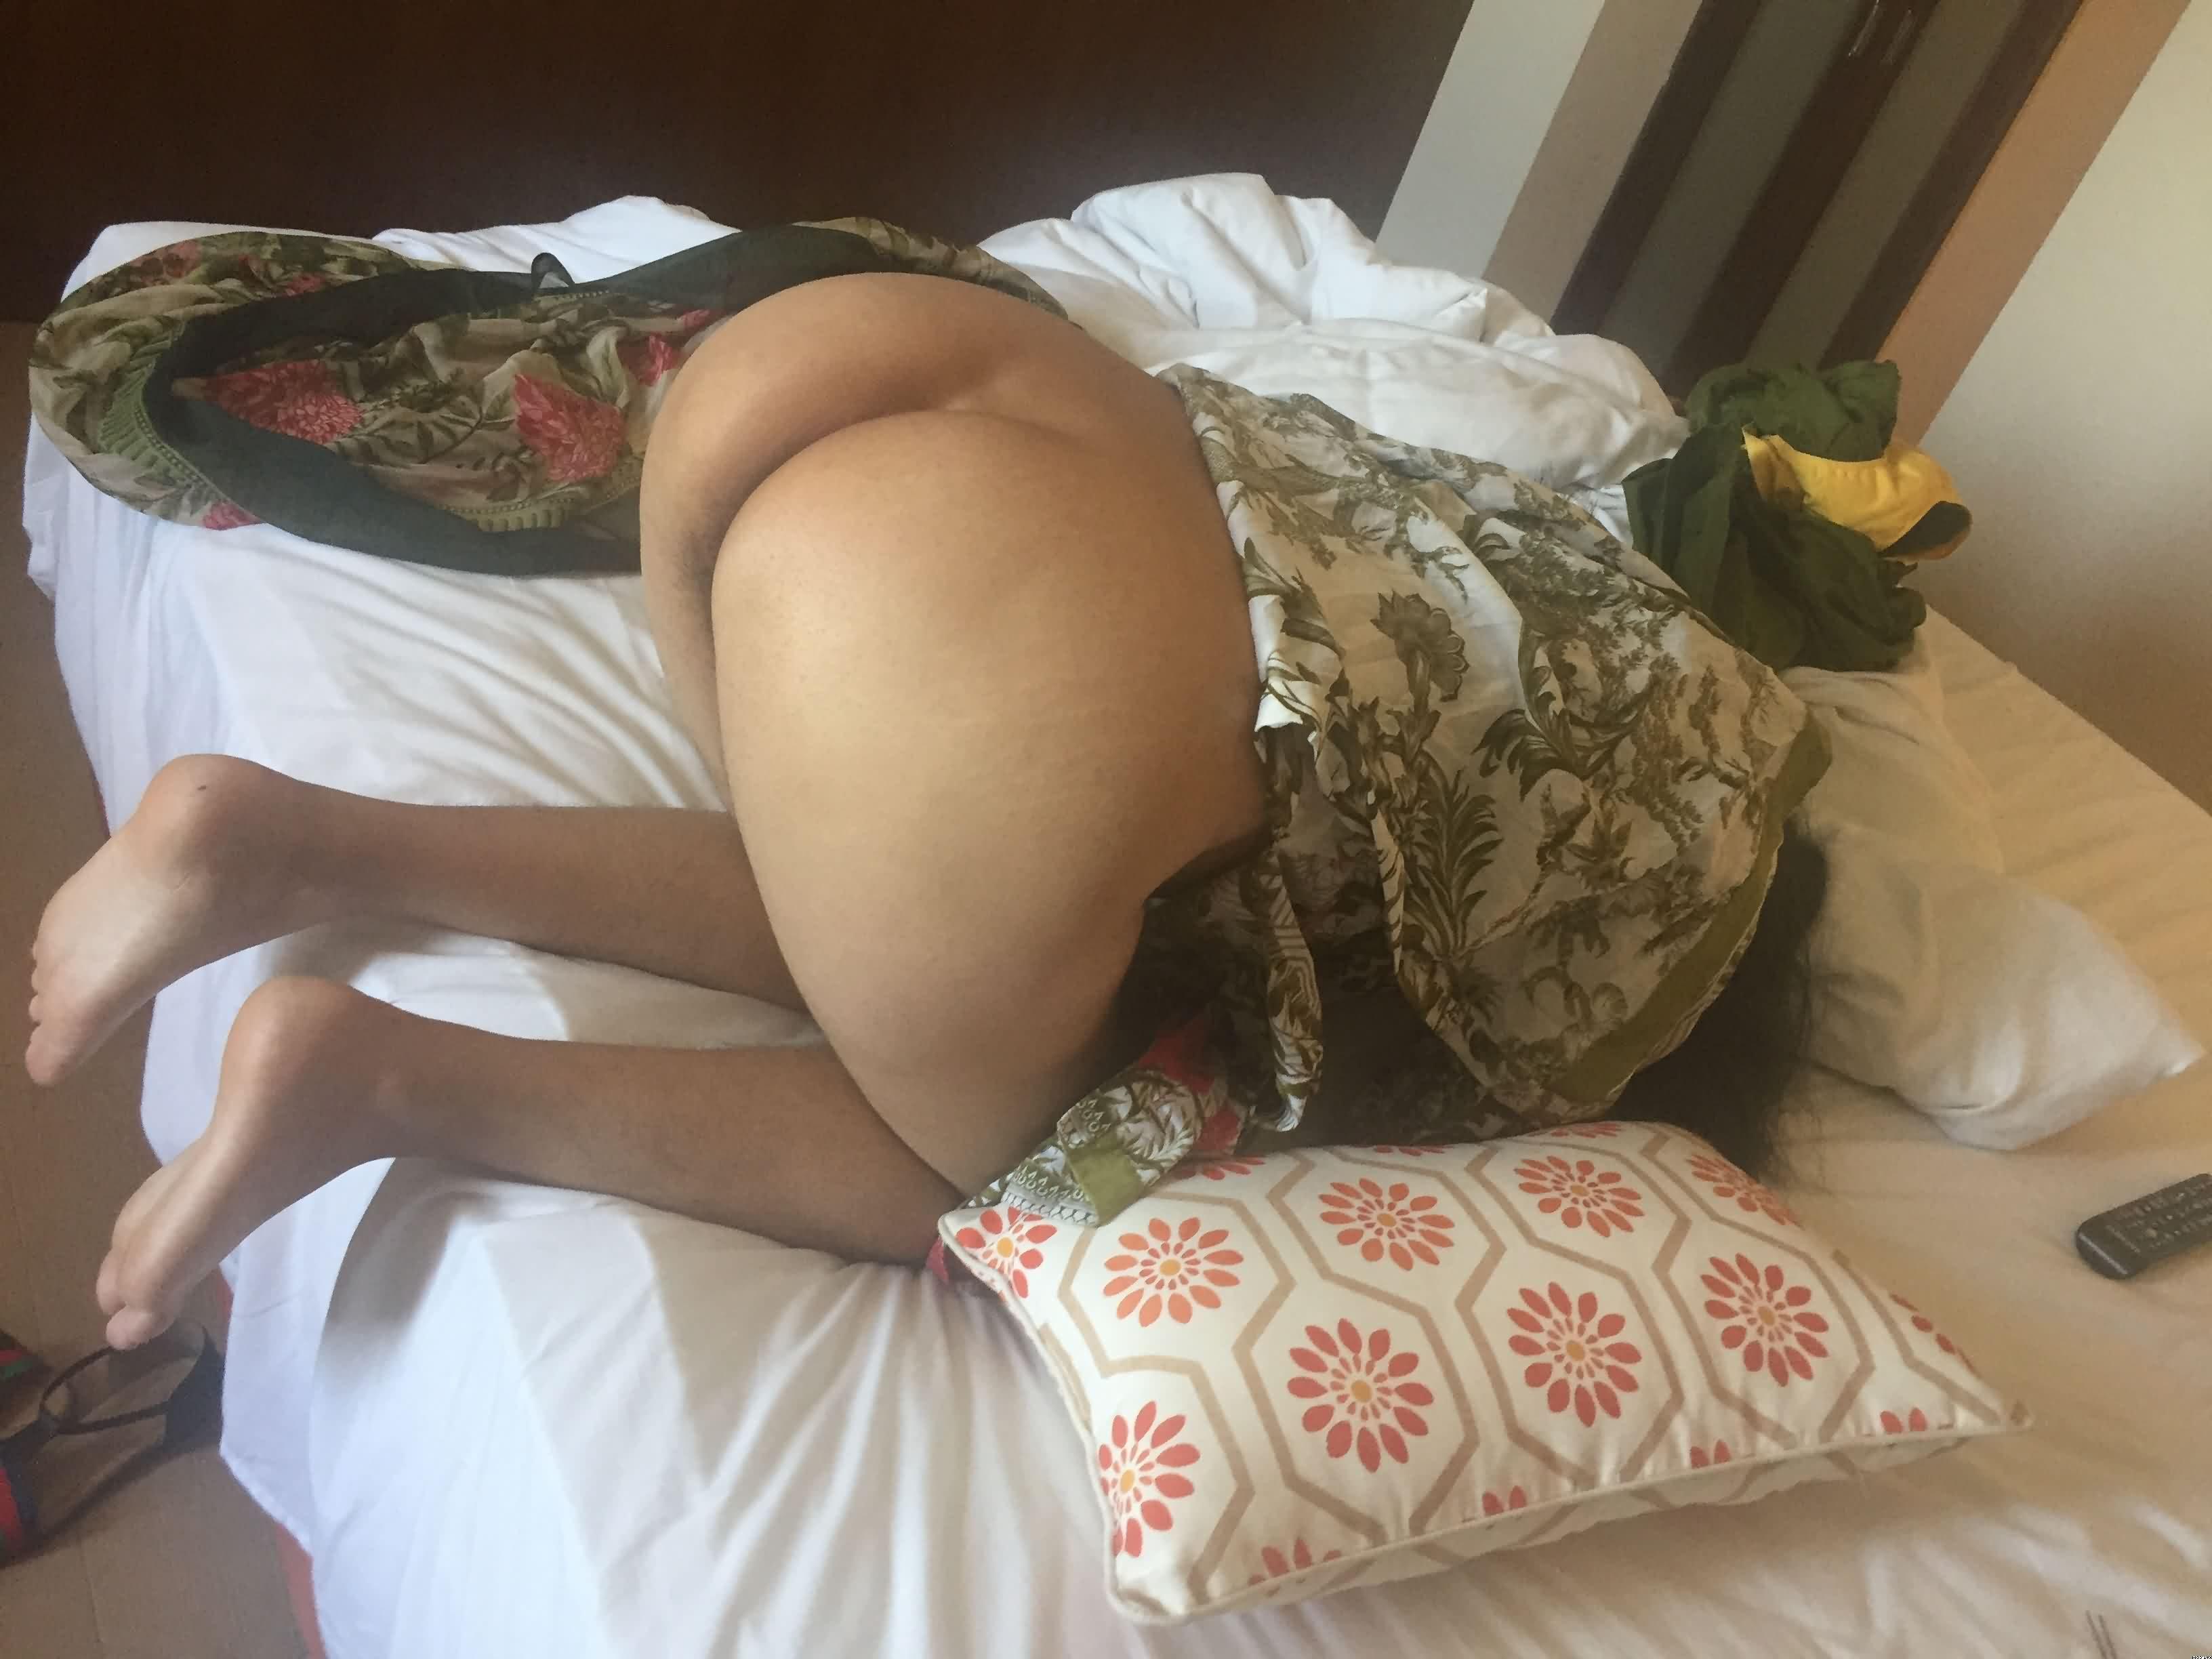 Fan Sub – Punjabi Housewife Strip Pyjamas Ready For Sex